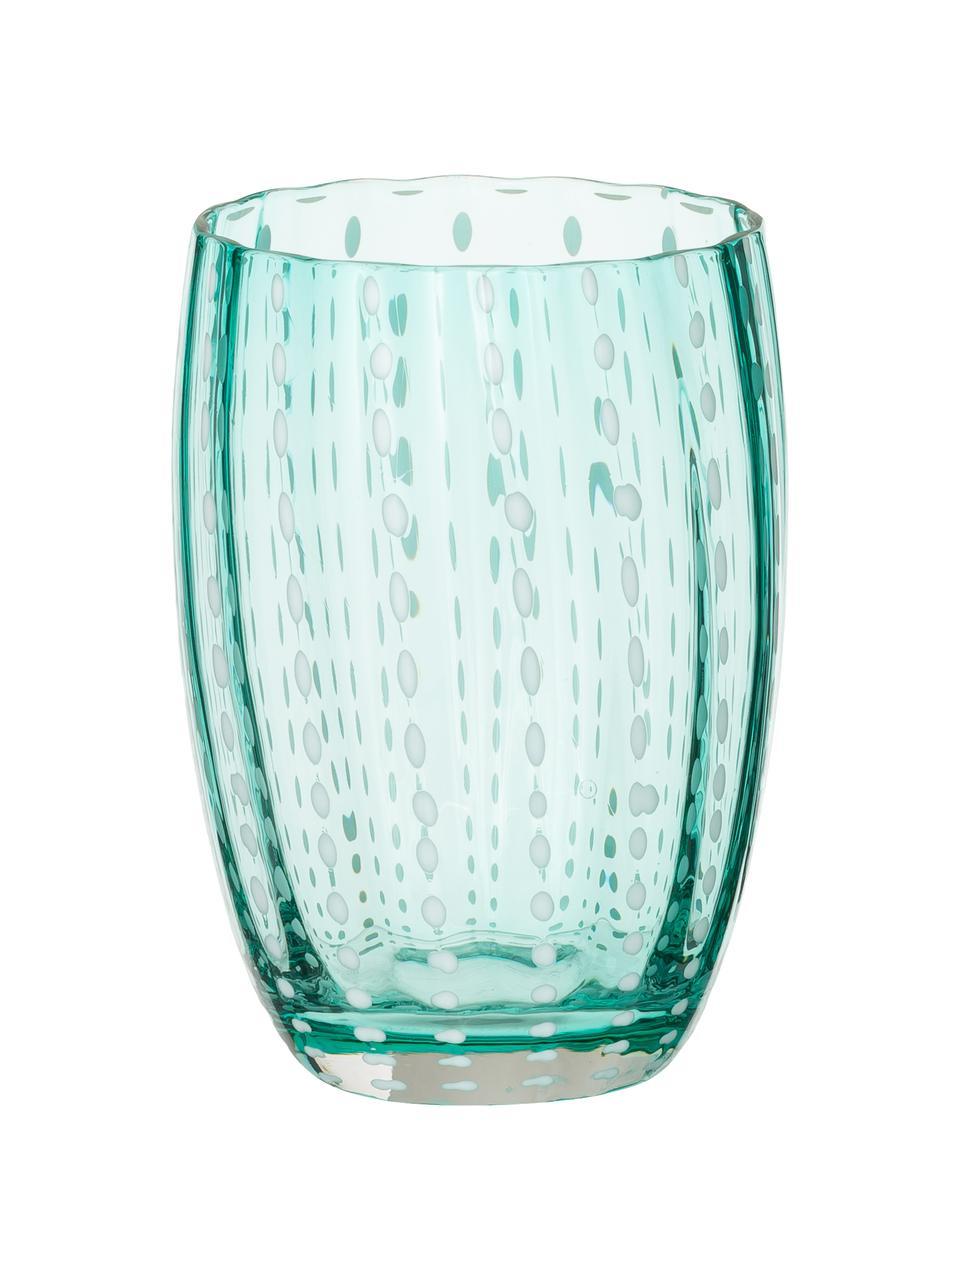 Set 6 bicchieri acqua in vetro soffiato Pearl, Vetro, Trasparente, bianco, acqua, ambra, rosa cipria, rosso o verde, Ø 7 x Alt.11 cm